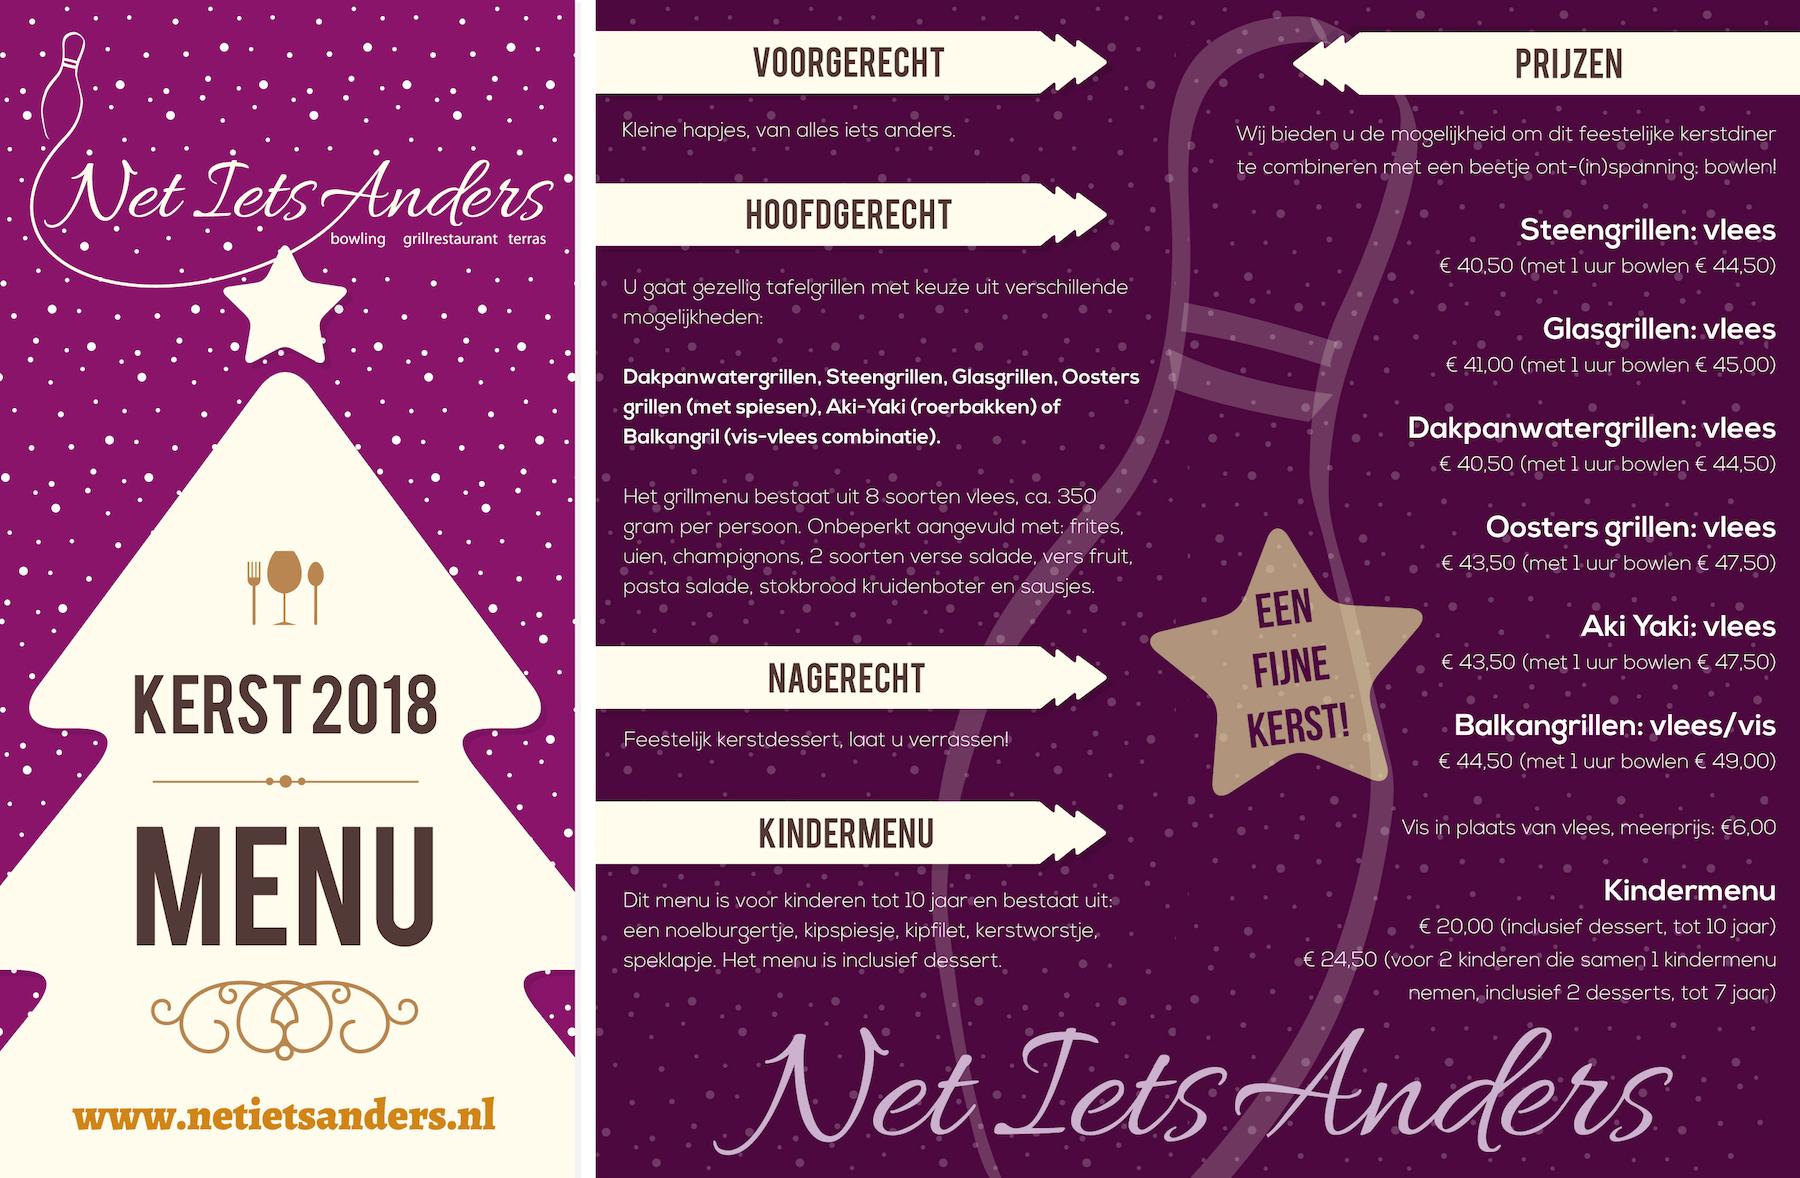 kerstmenu 2018 - Net Iets Anders